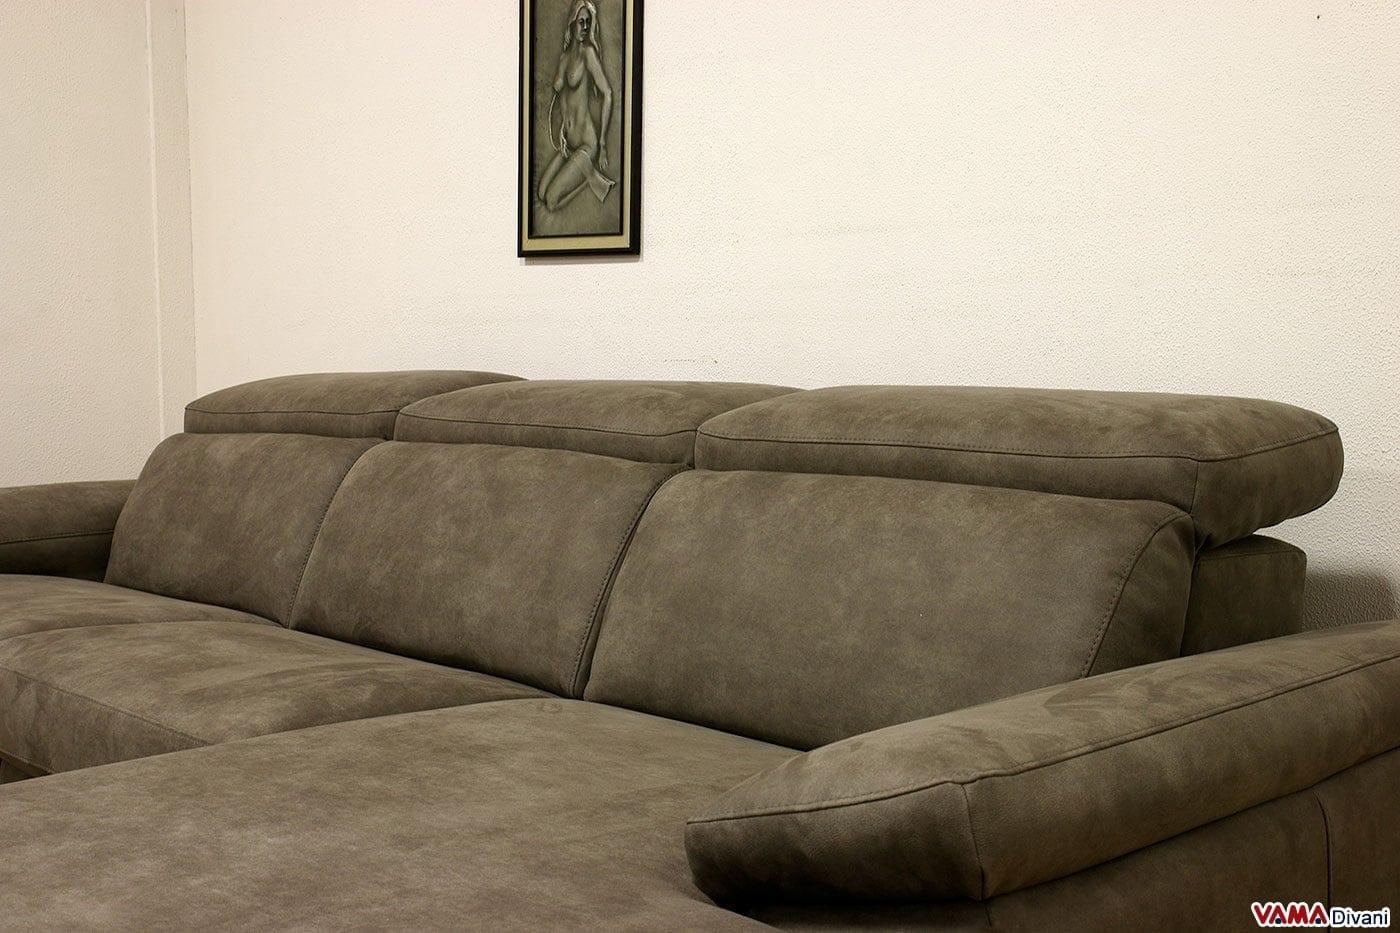 Divani con isola voffca com illuminazione design interni - Copridivano per divano in pelle ...